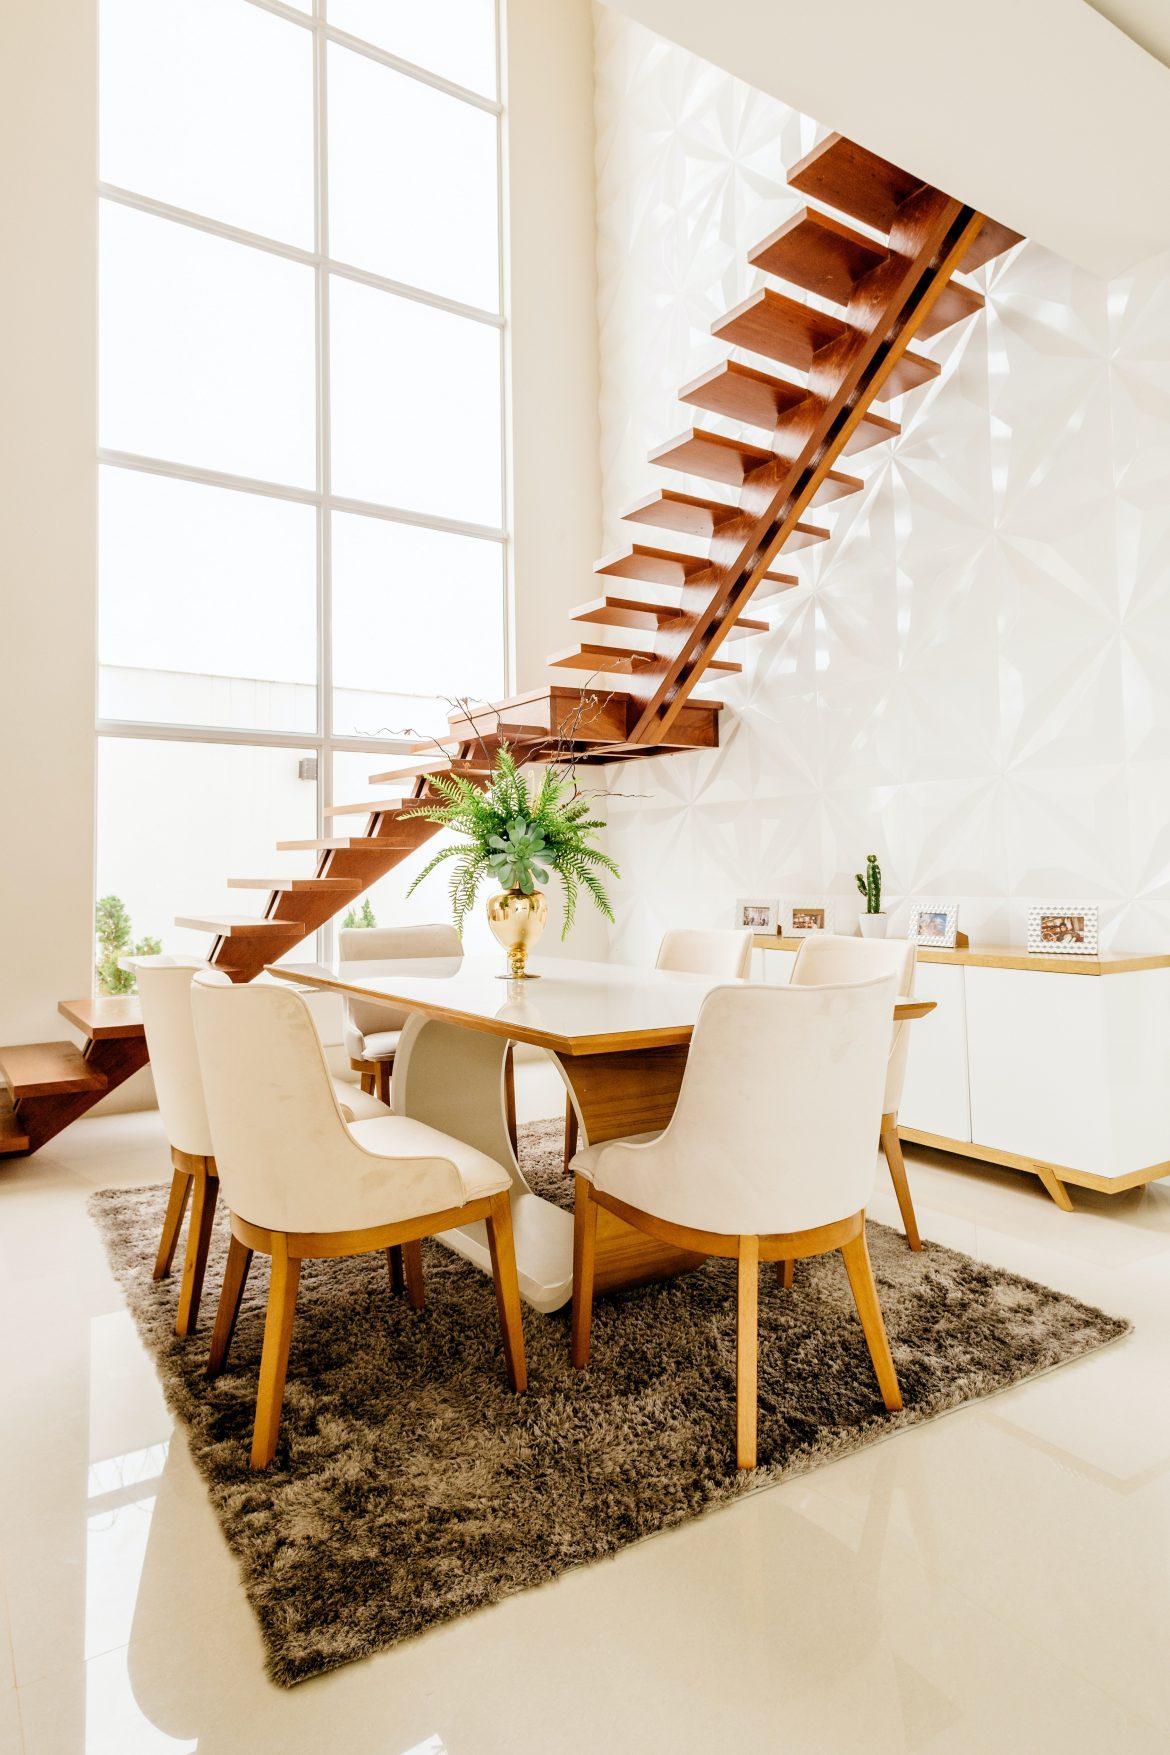 Comment choisir des chaises à manger?